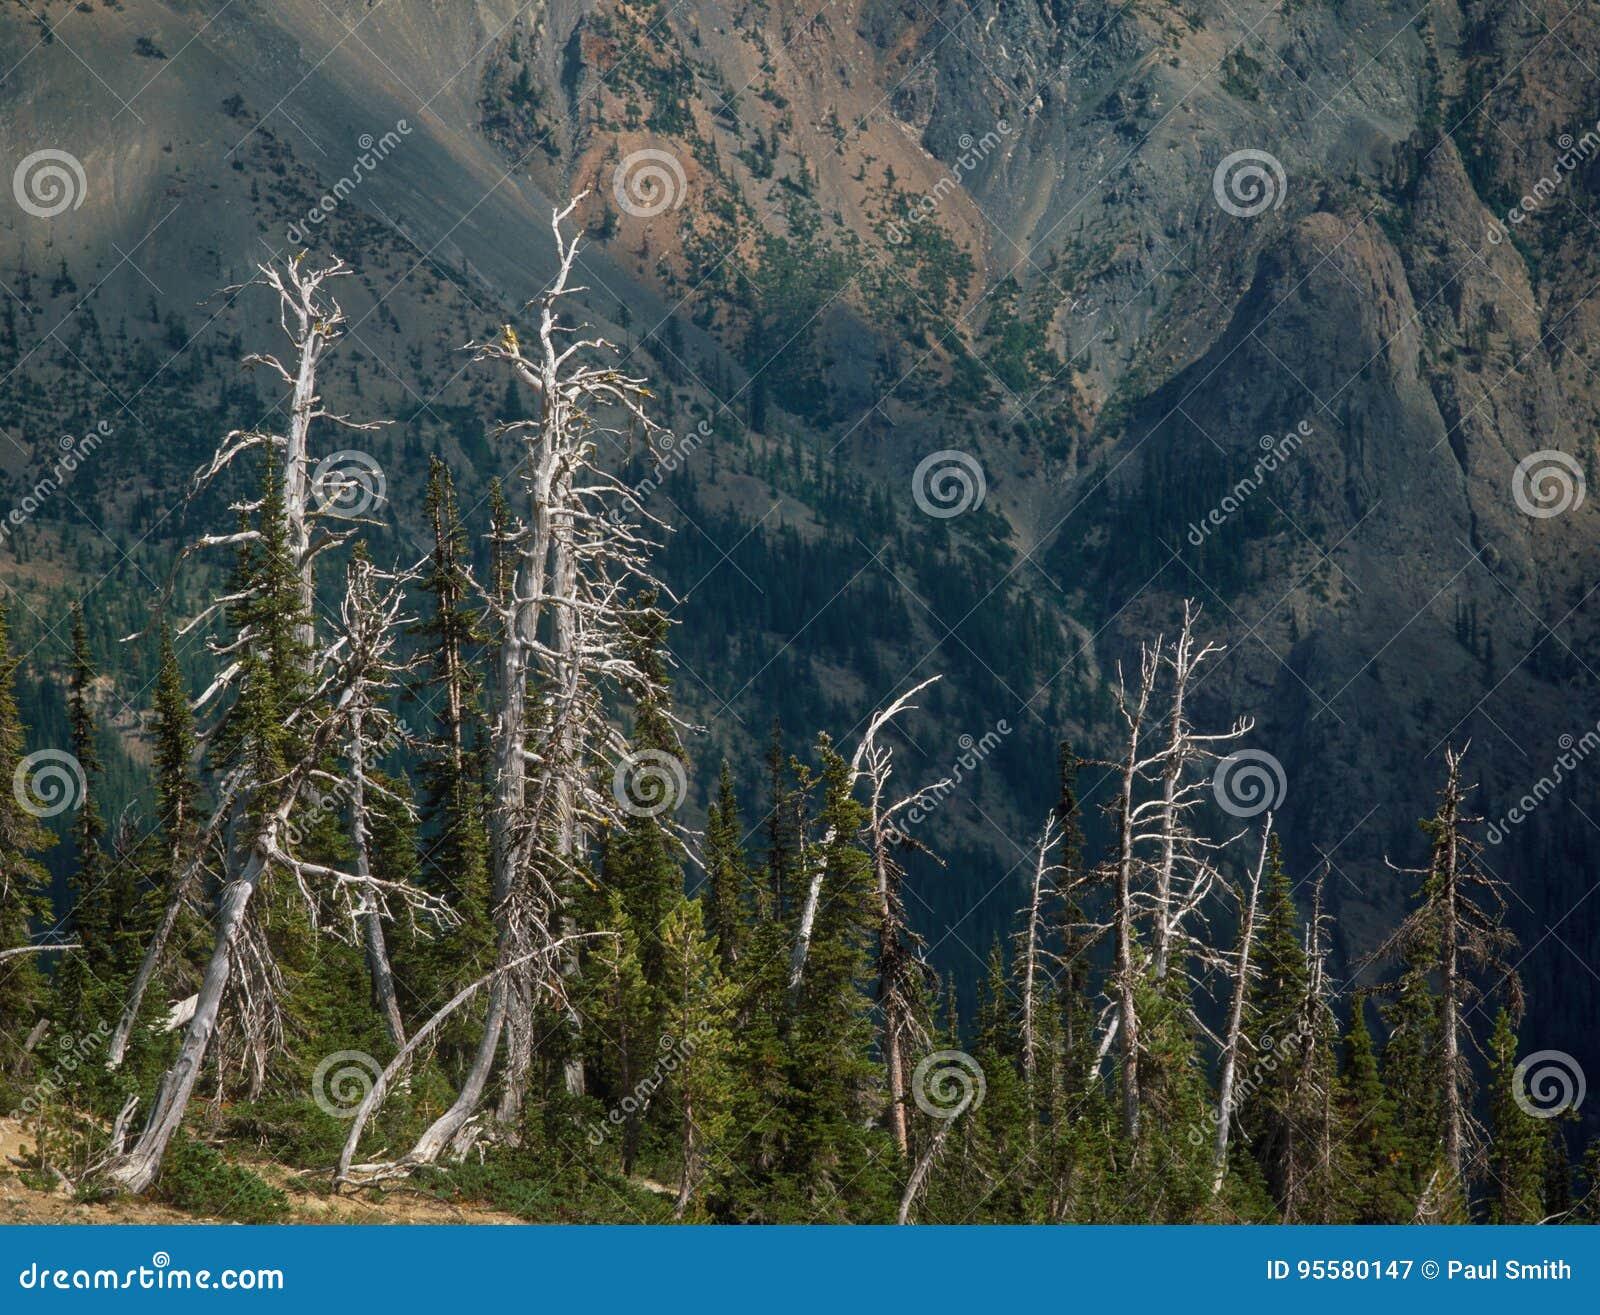 Skeletachtige Bomen bij de Pas van het Fortuinkoekje, Alpiene Meren, Cascadewaaier, Washington